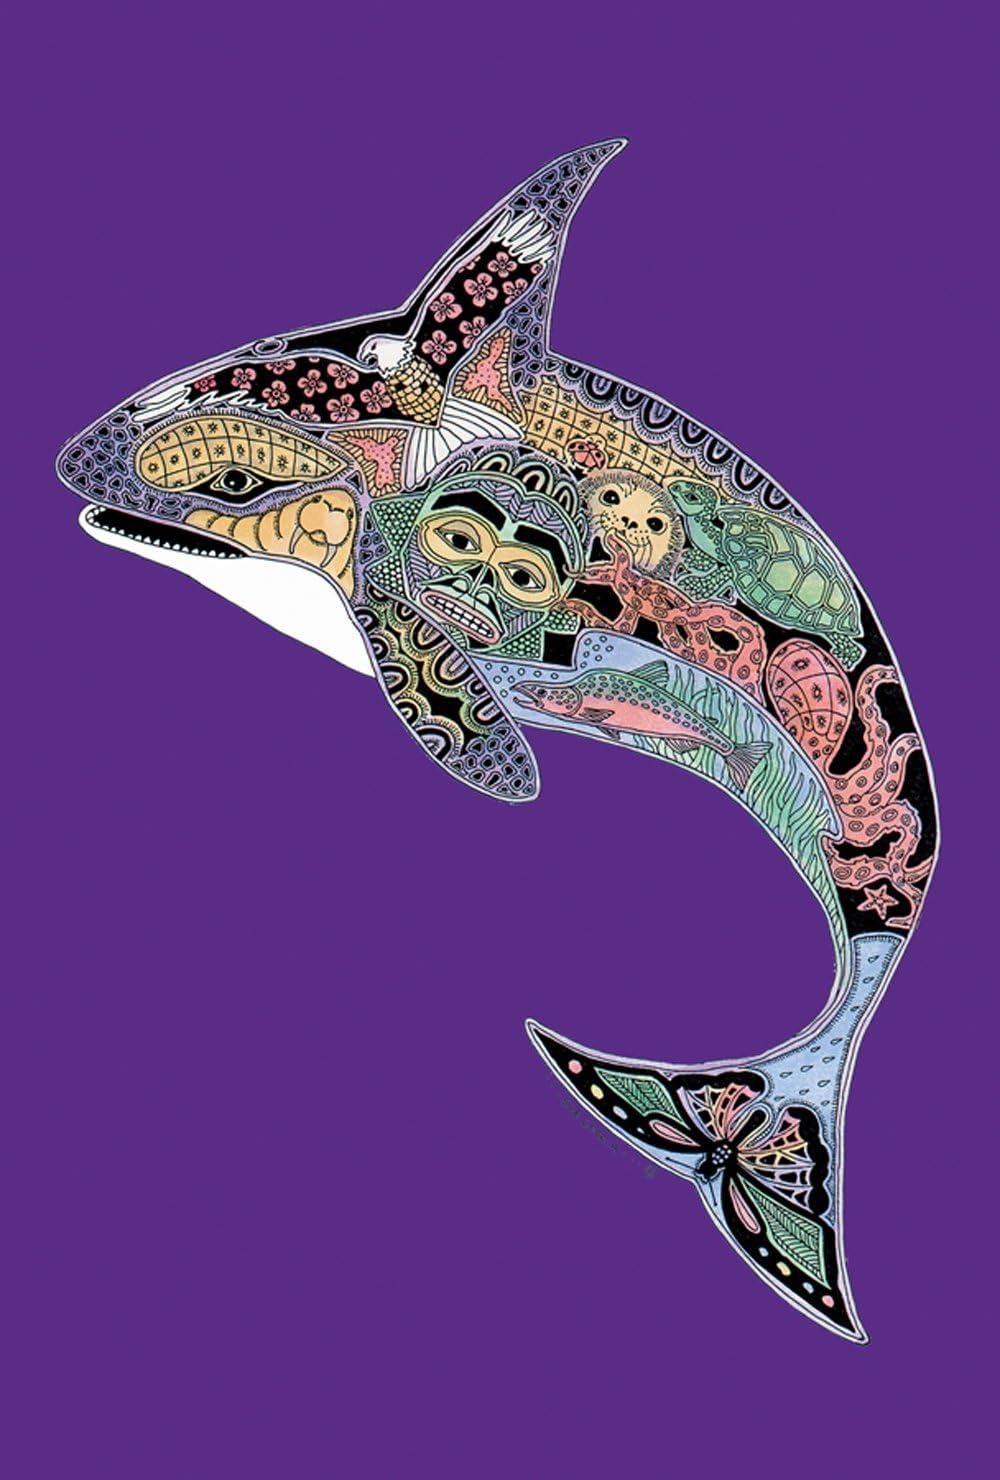 Toland Home Garden Animal Spirits Orca 28 x 40 Inch Decorative Native Spiritual Ocean Whale Sealife House Flag